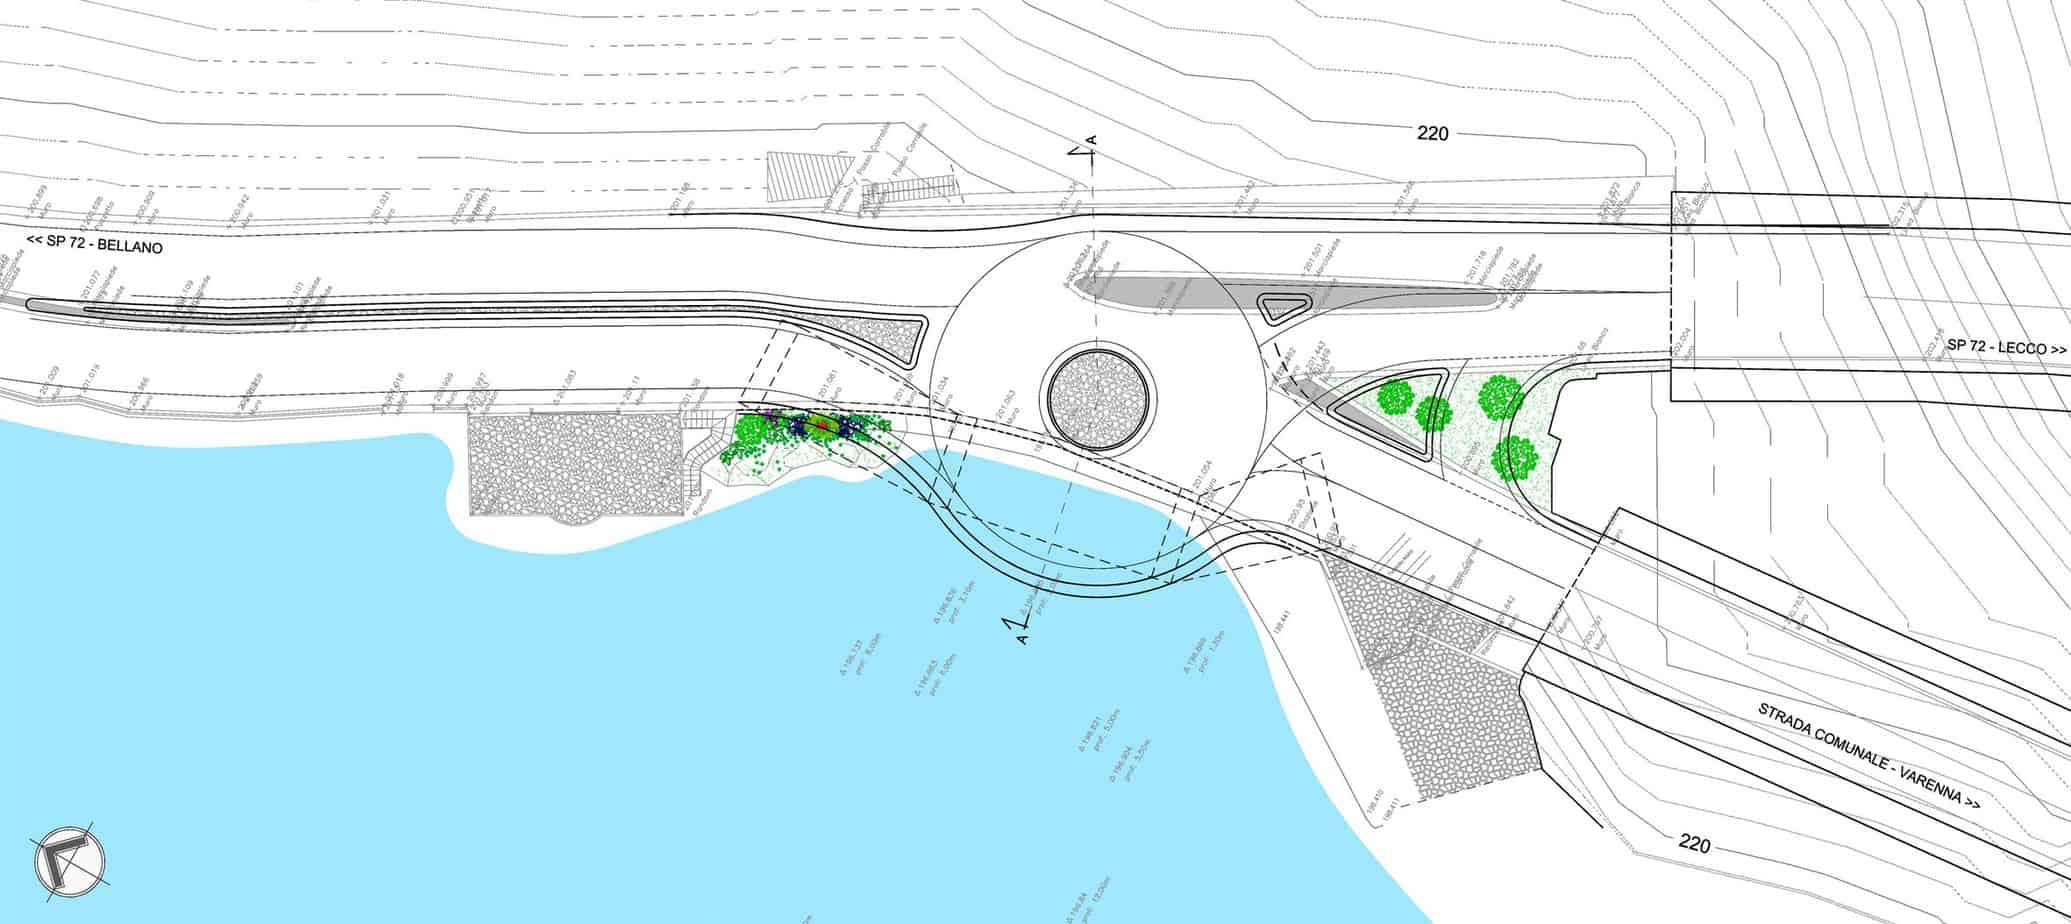 Una rotonda sul lago strade autostrade online for Planimetrie della piccola casa sul lago